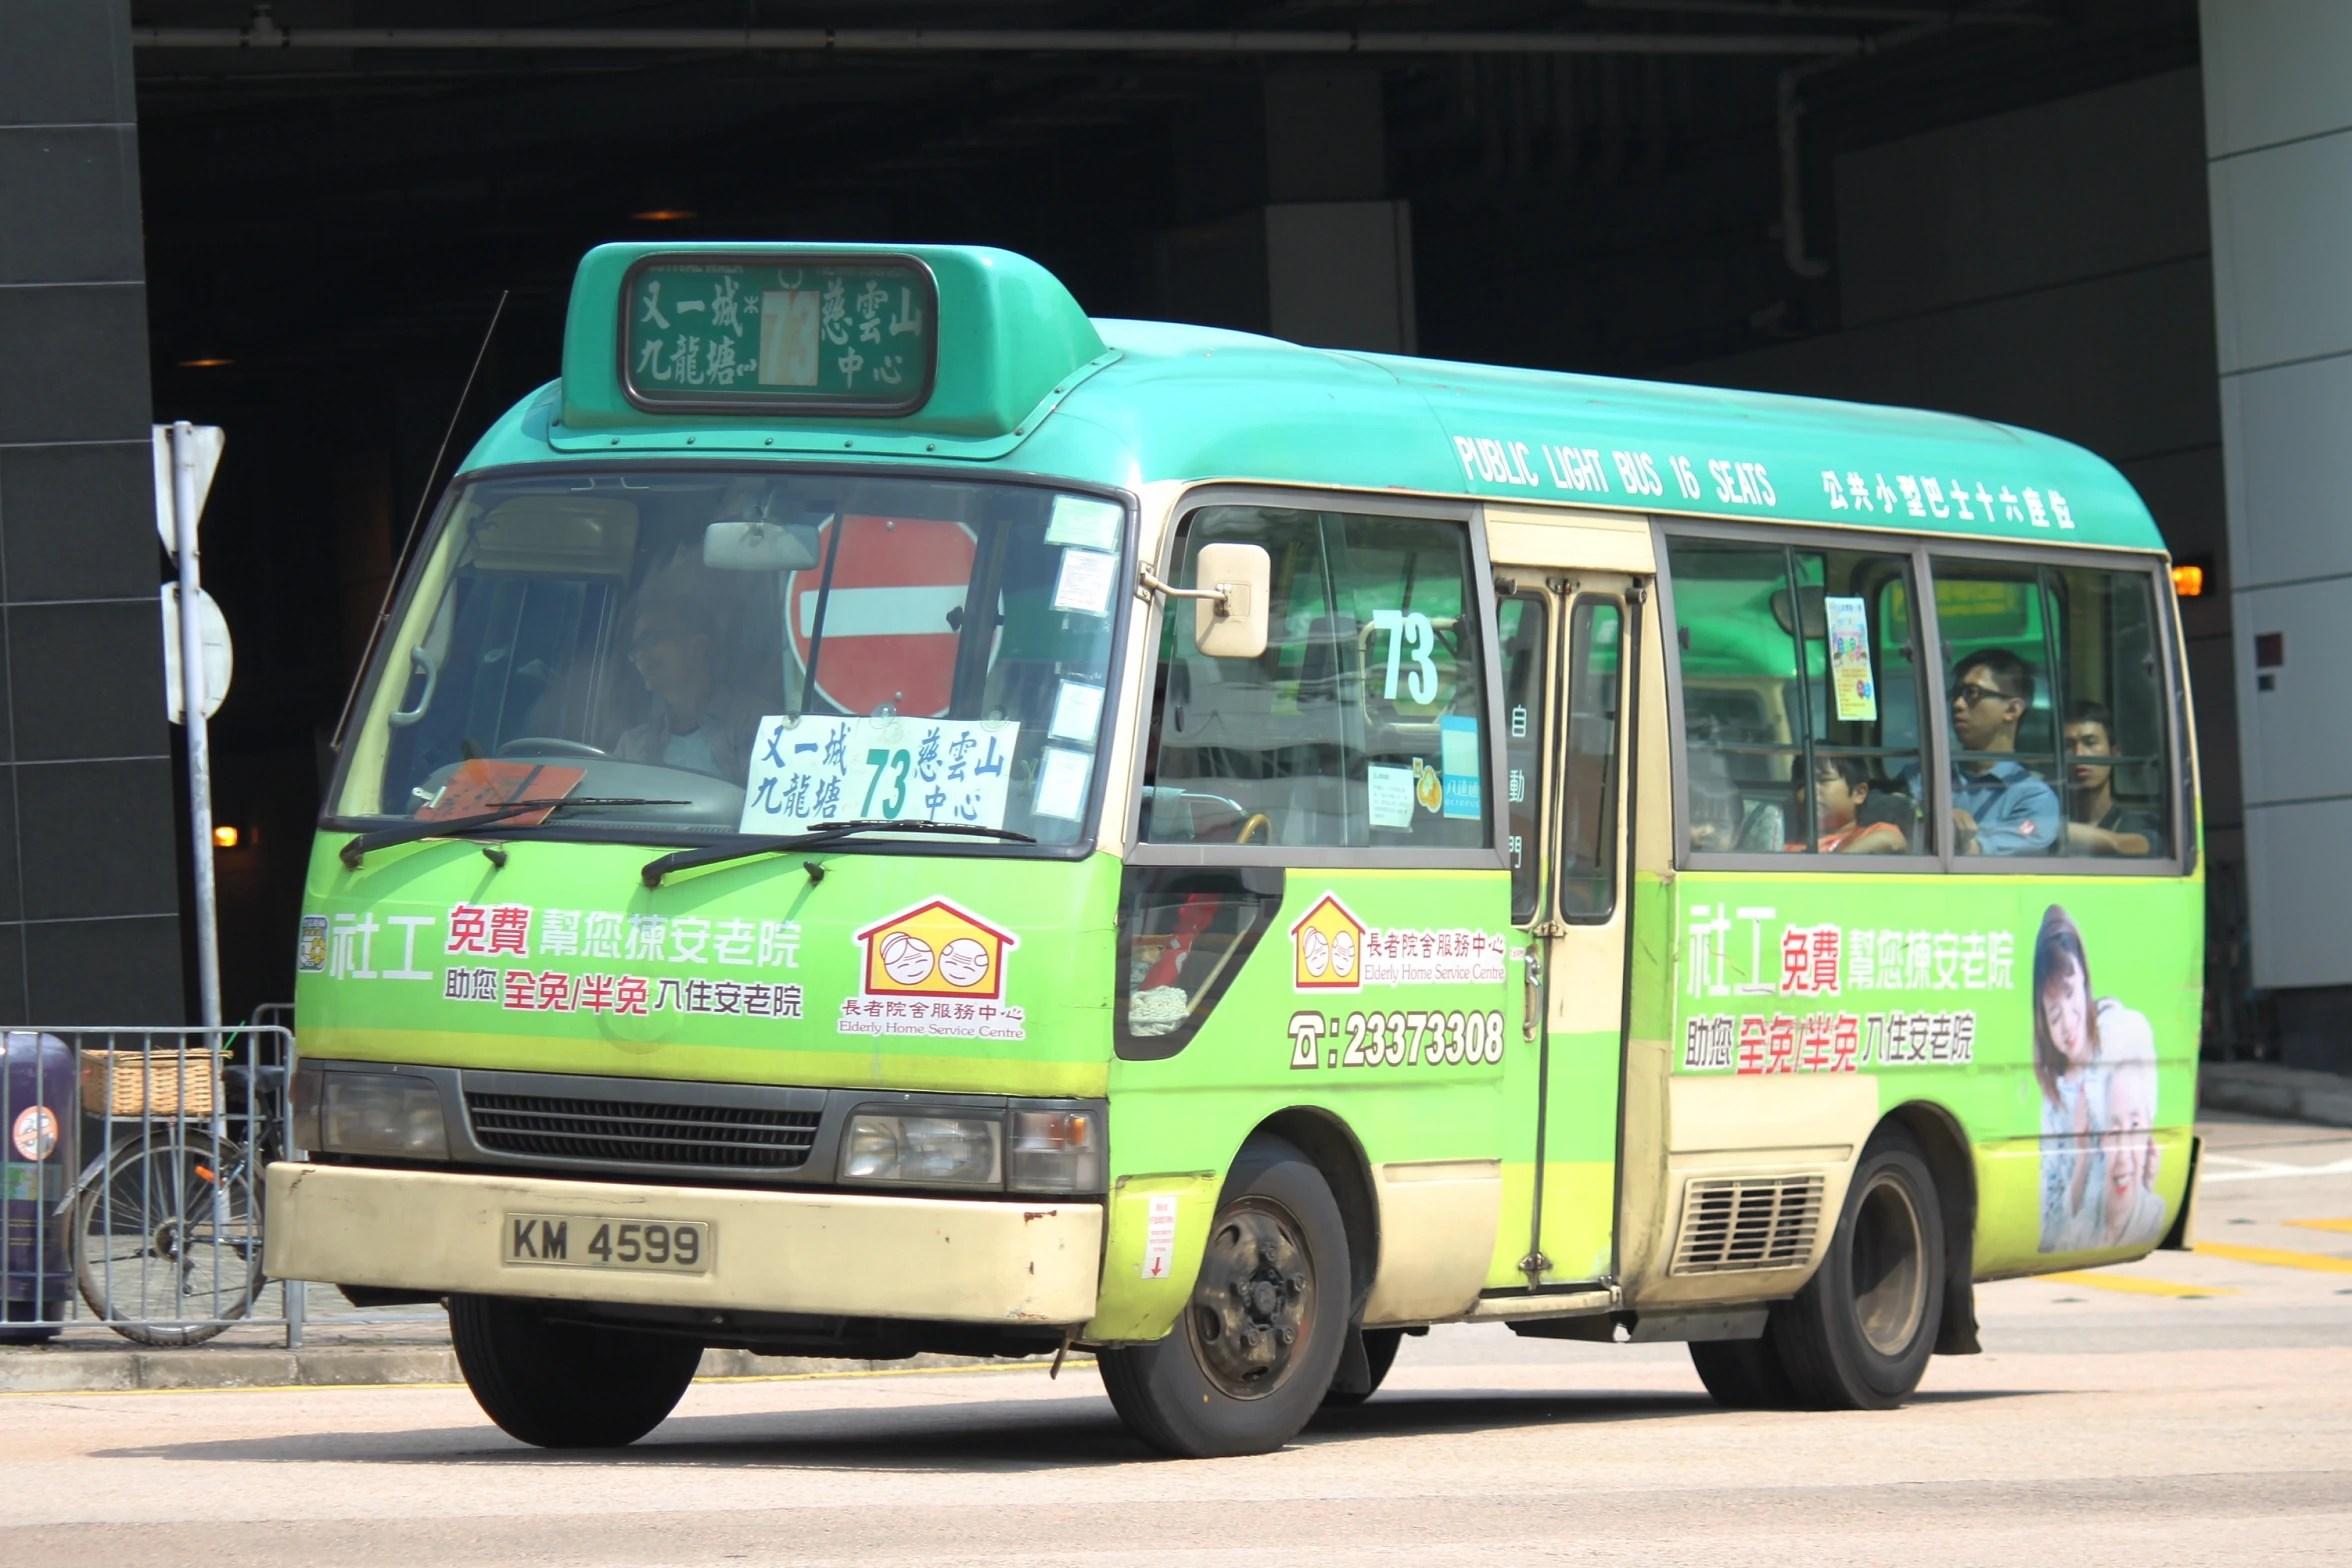 九龍專綫小巴73線 - 香港巴士大典